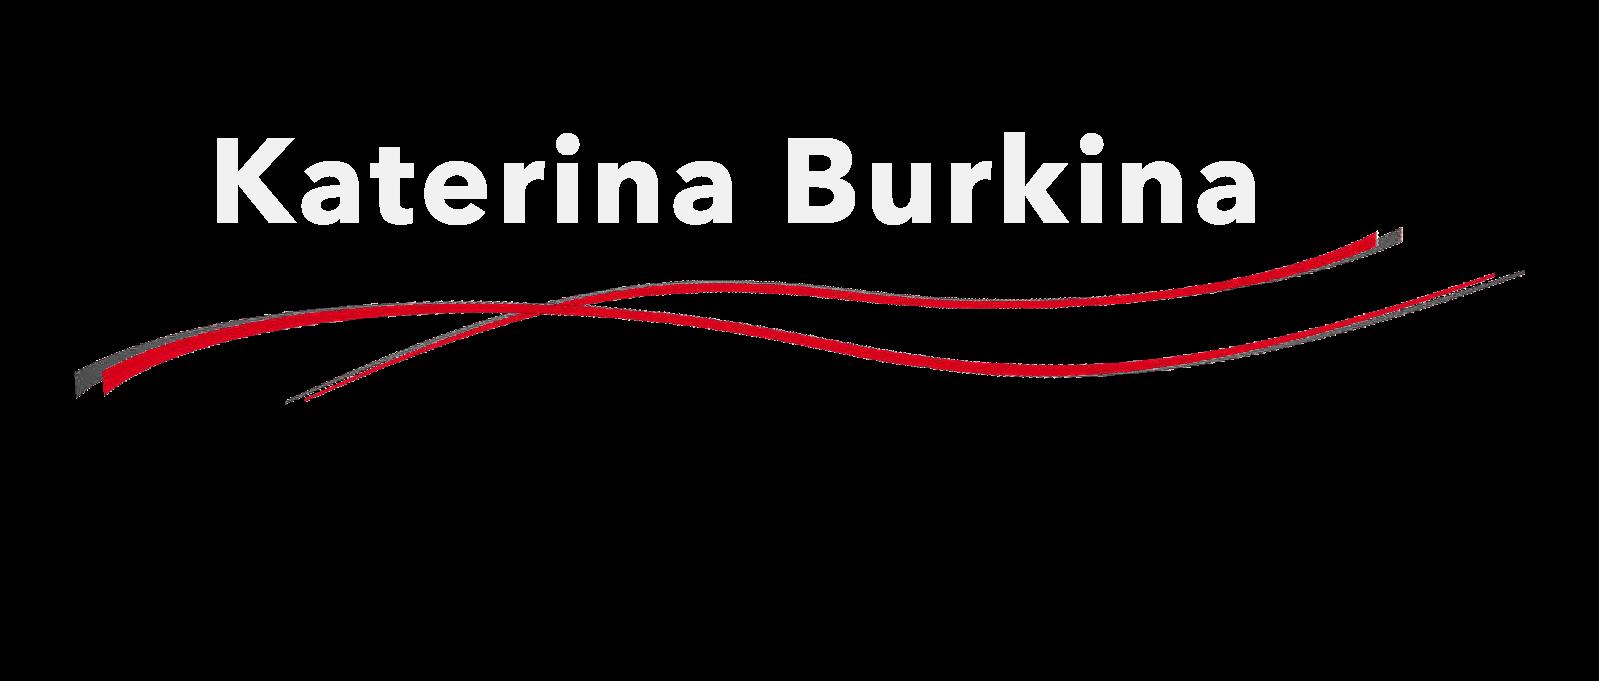 Katerina Burkina